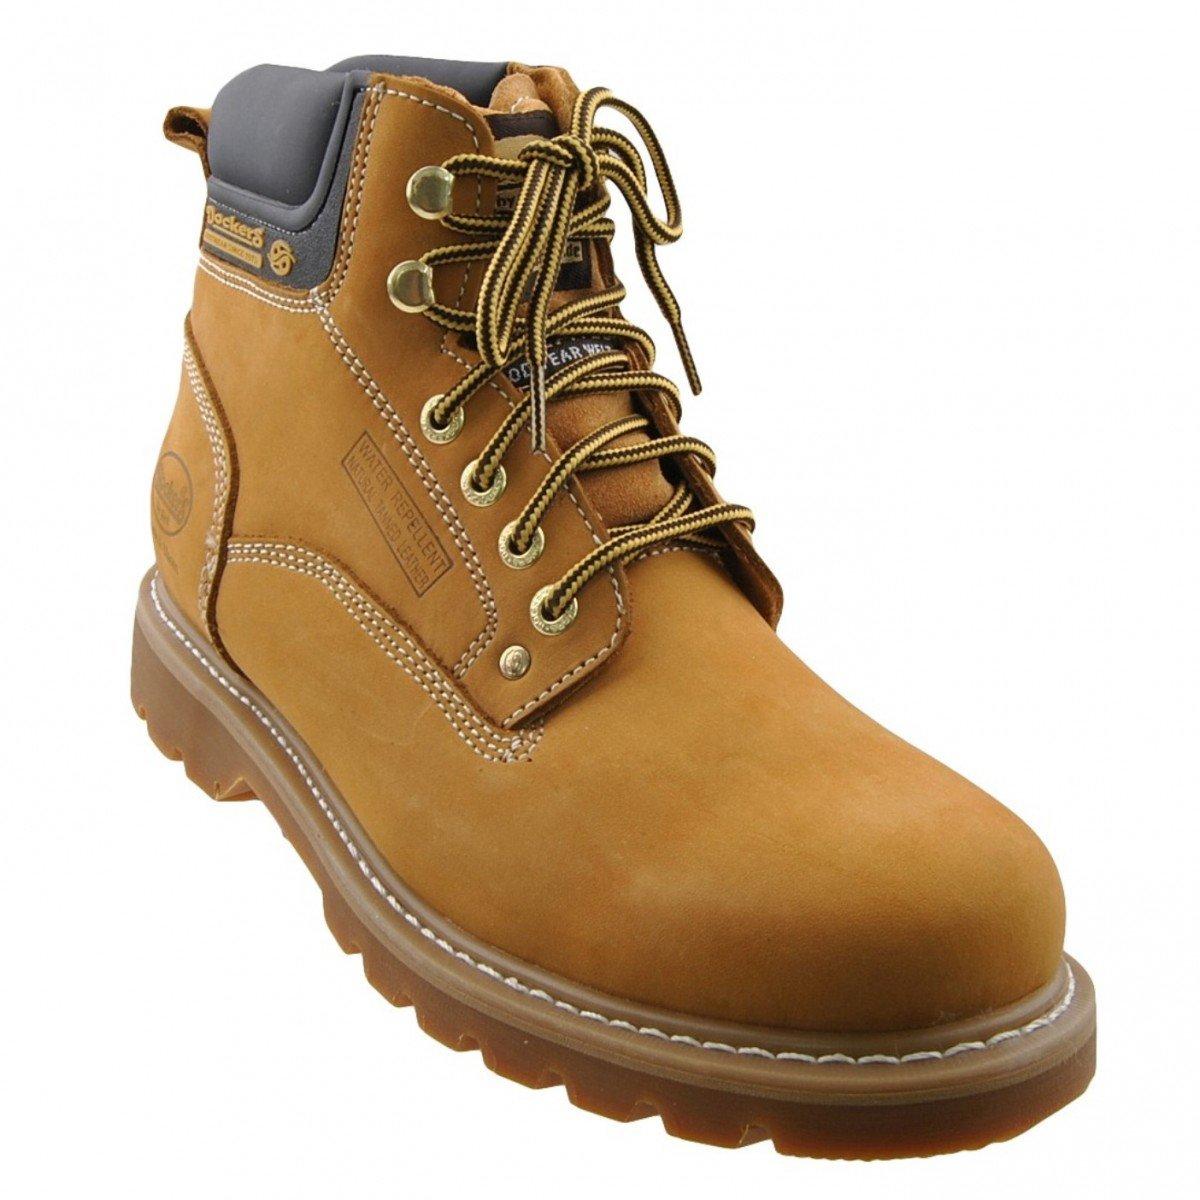 Dockers by Gerli - Botas de Cuero para Hombre: Amazon.es: Zapatos y complementos